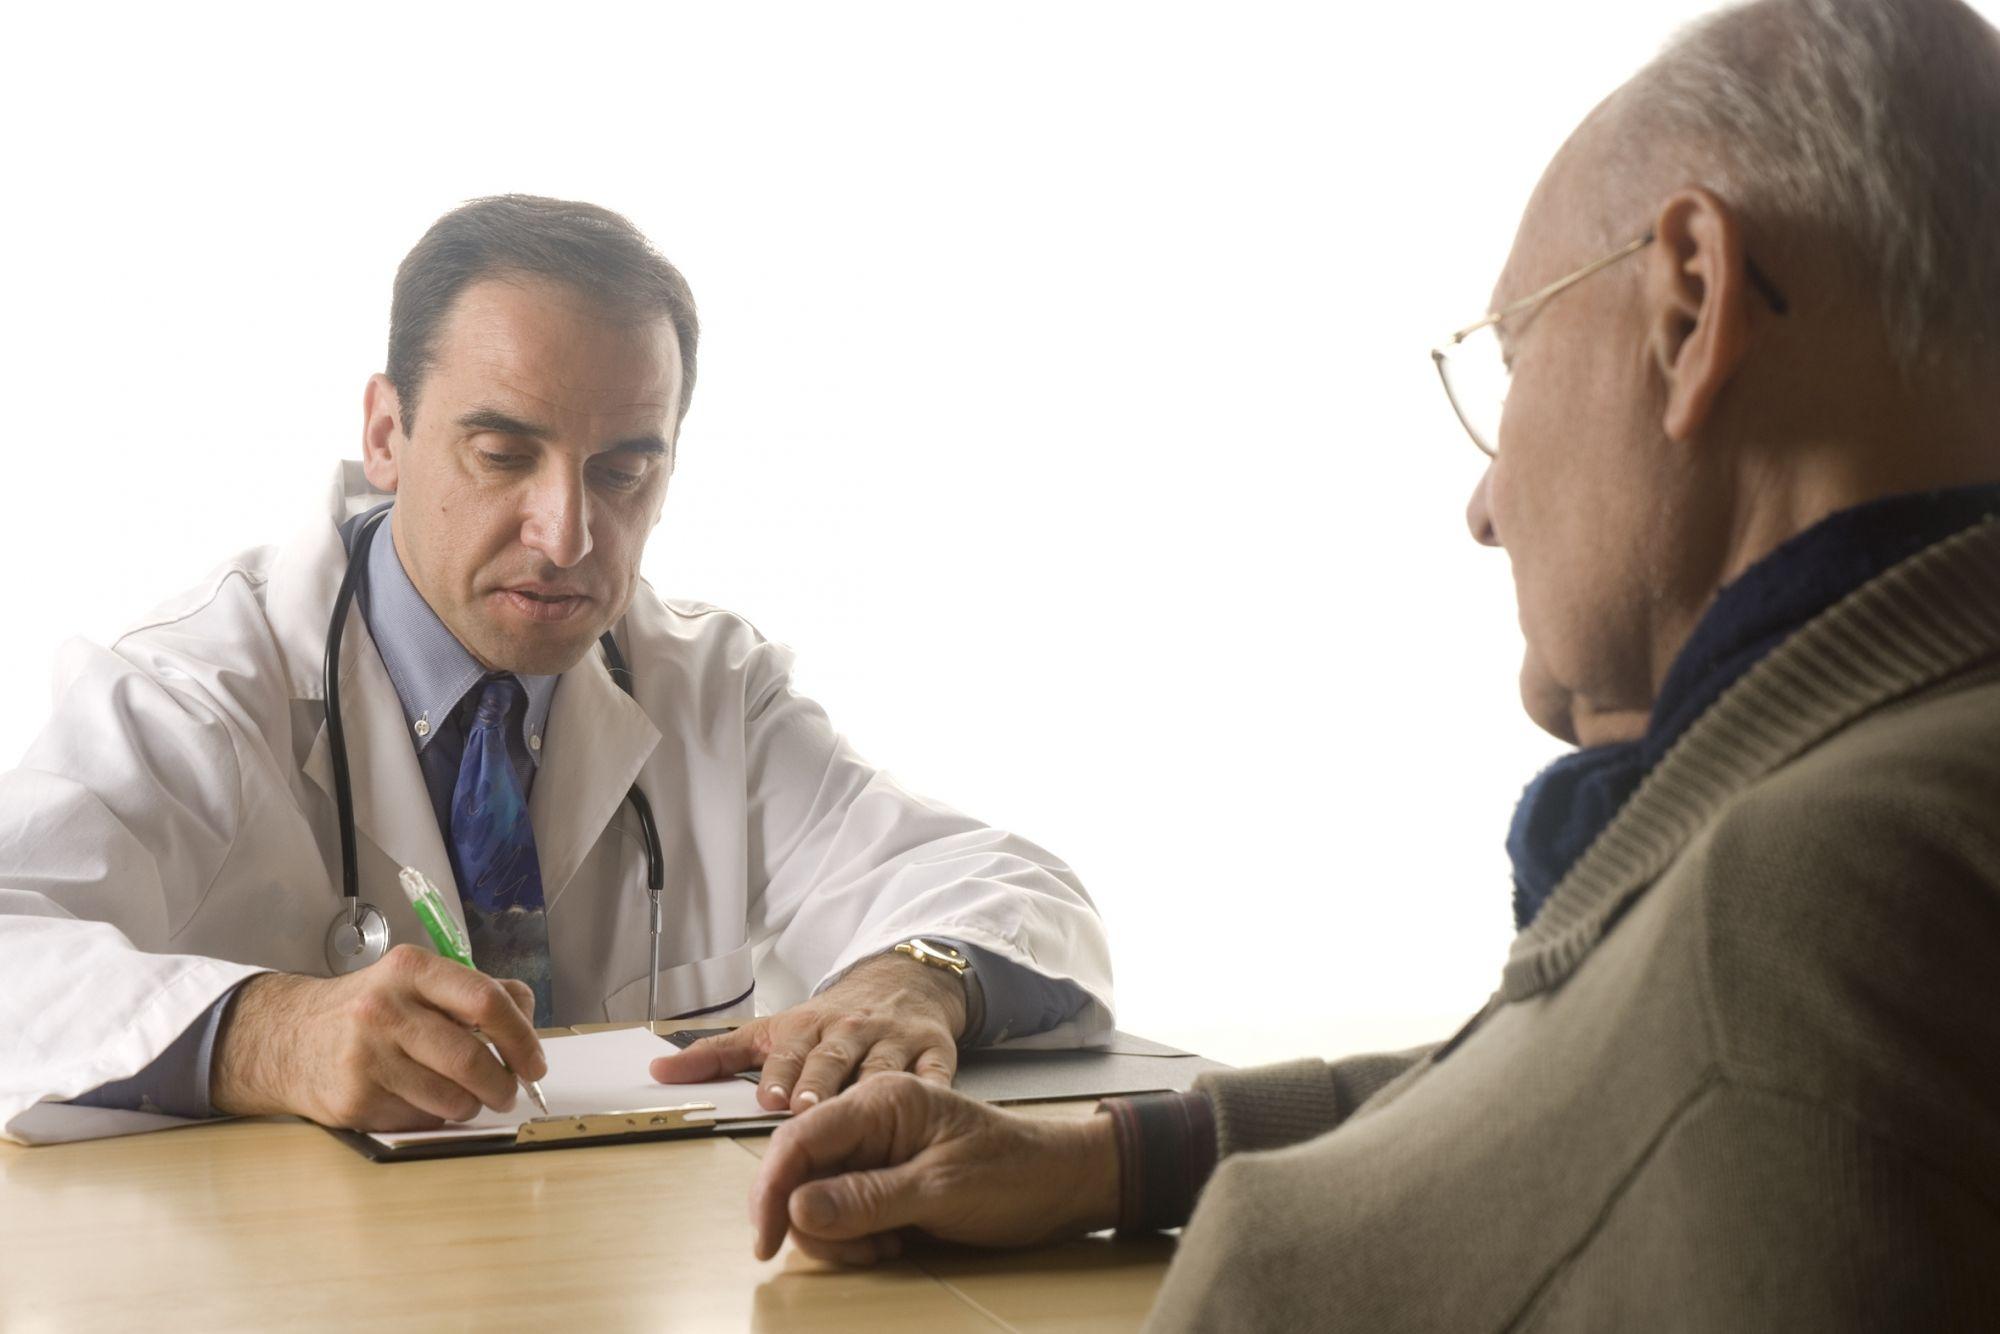 Les tests pour dépister le cancer du côlon arriveront en 2015